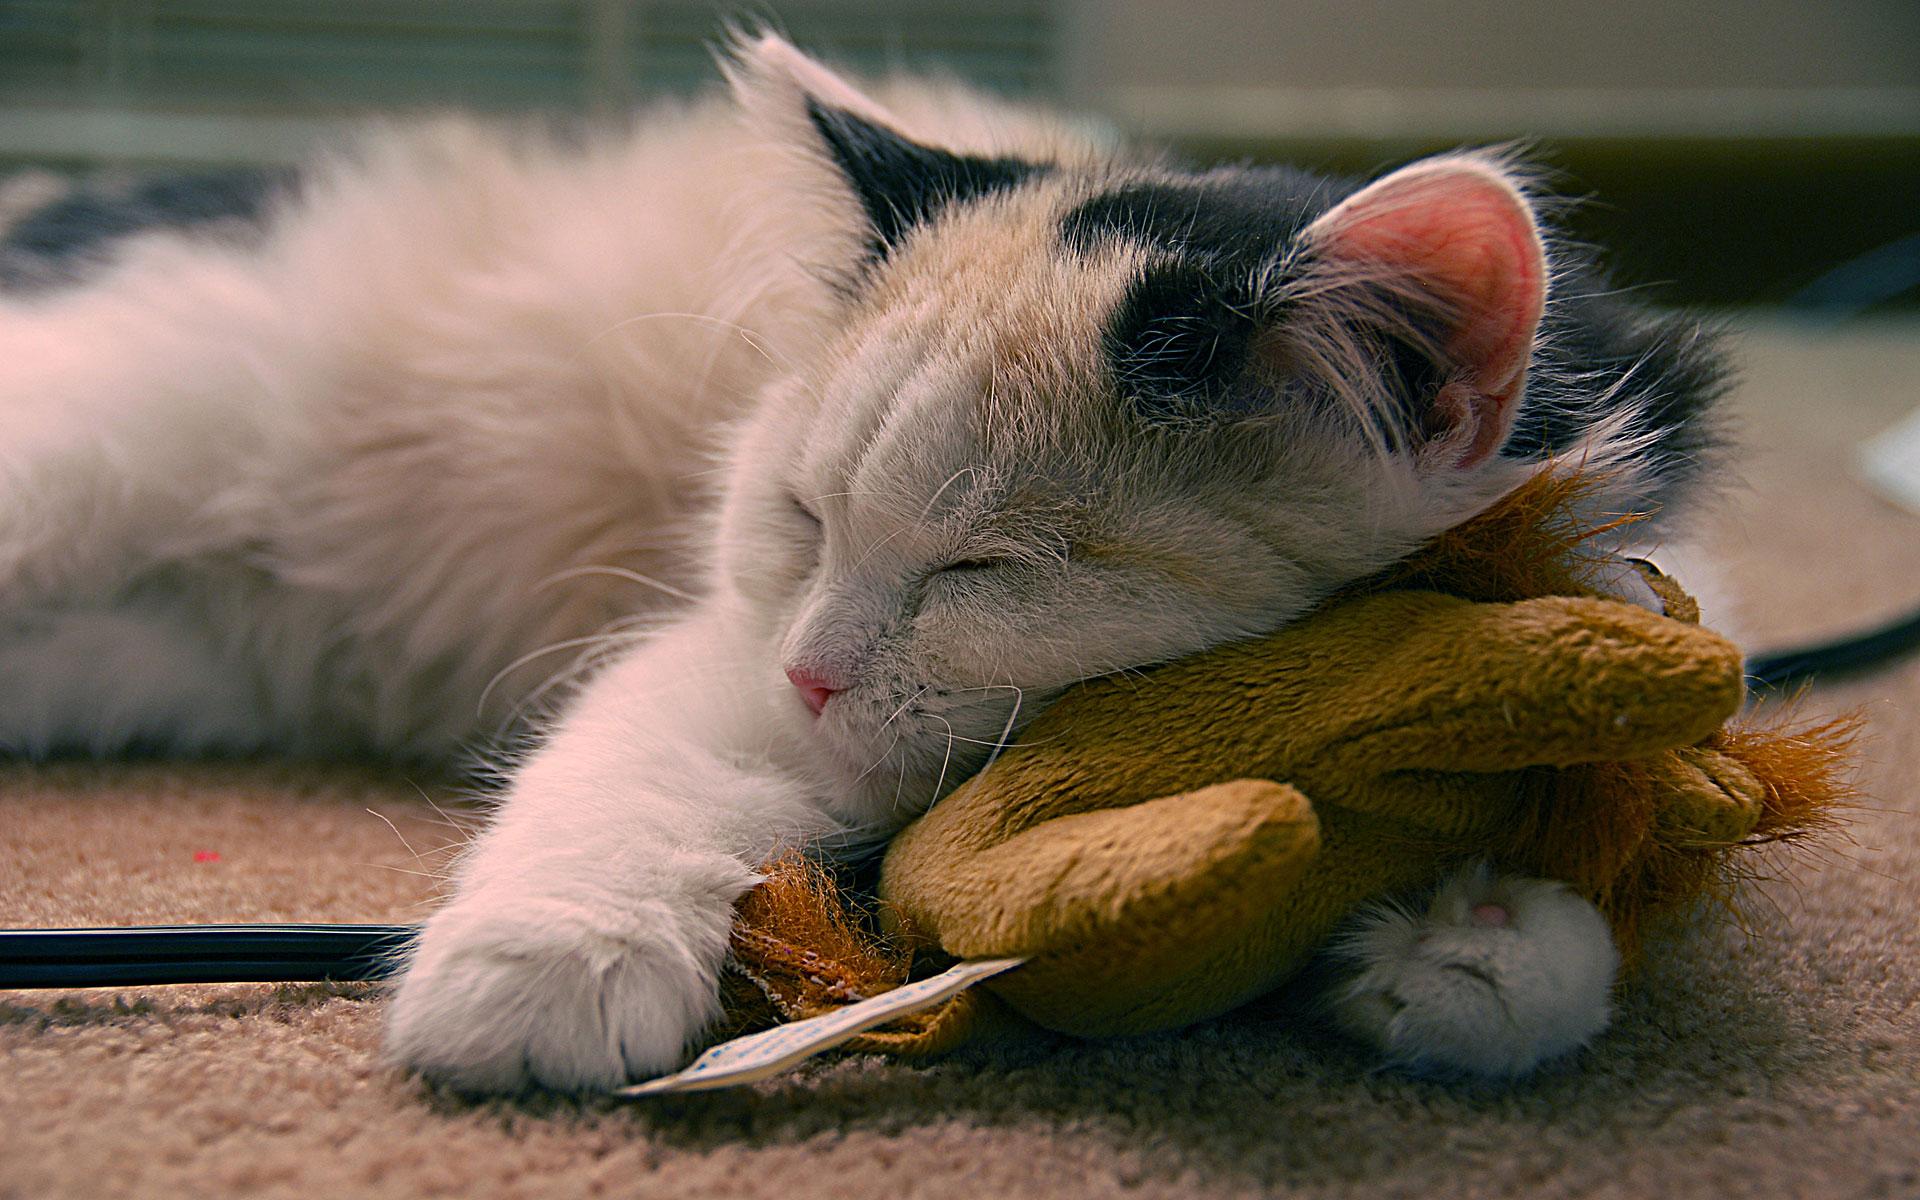 sleeping-cute-cat-hd-wallpaper